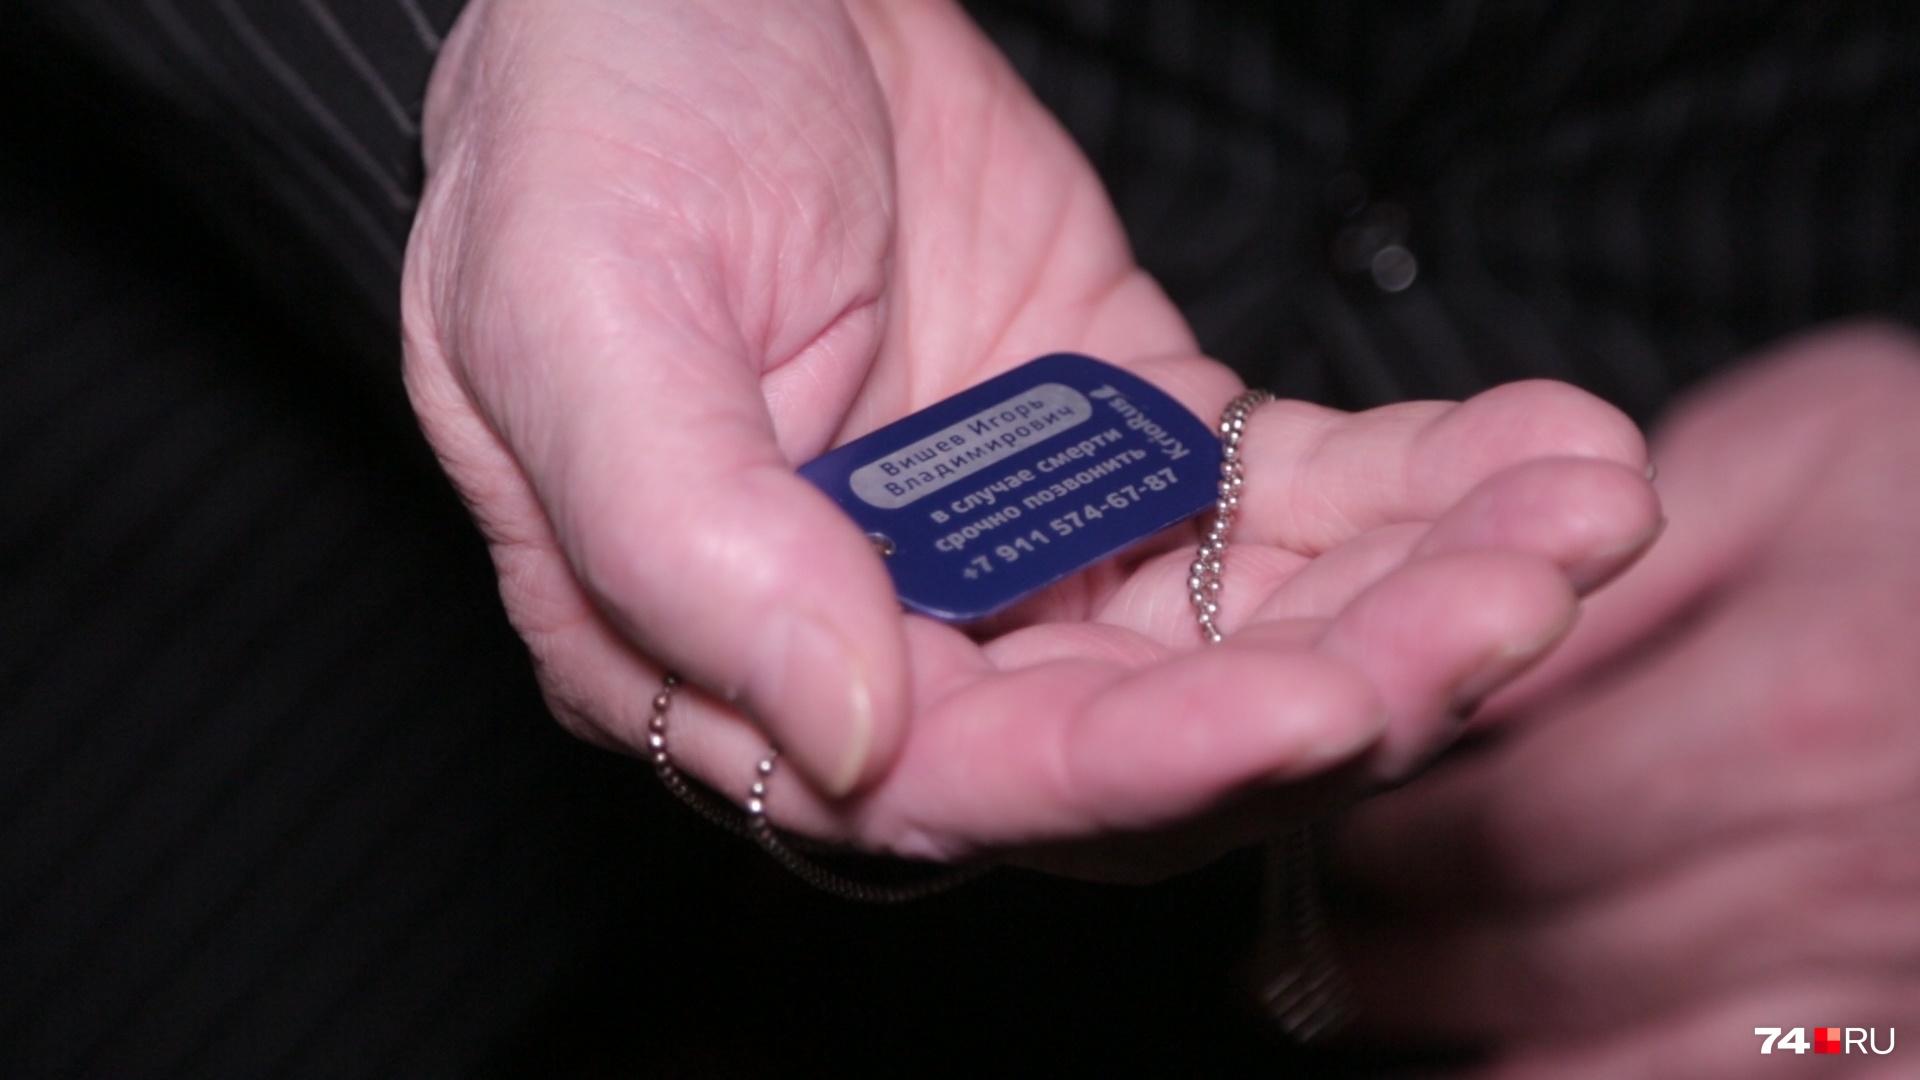 Этот медальон позволит родным учёного обеспечить быструю доставку его мозга на криосохранение после смерти